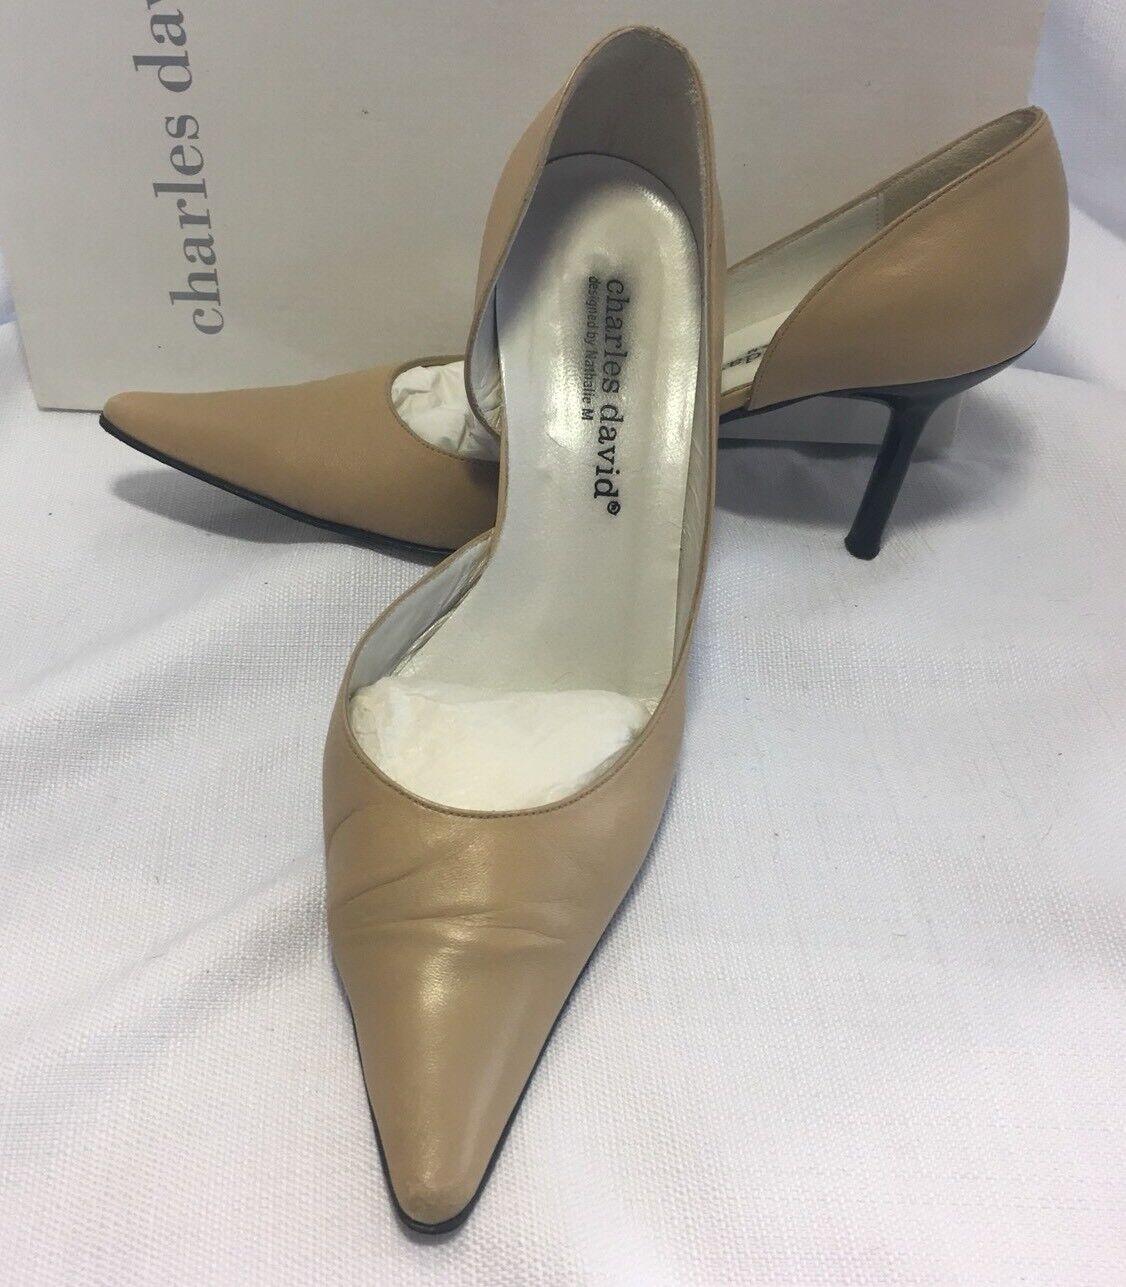 Shoes CHARLES DAVID 3